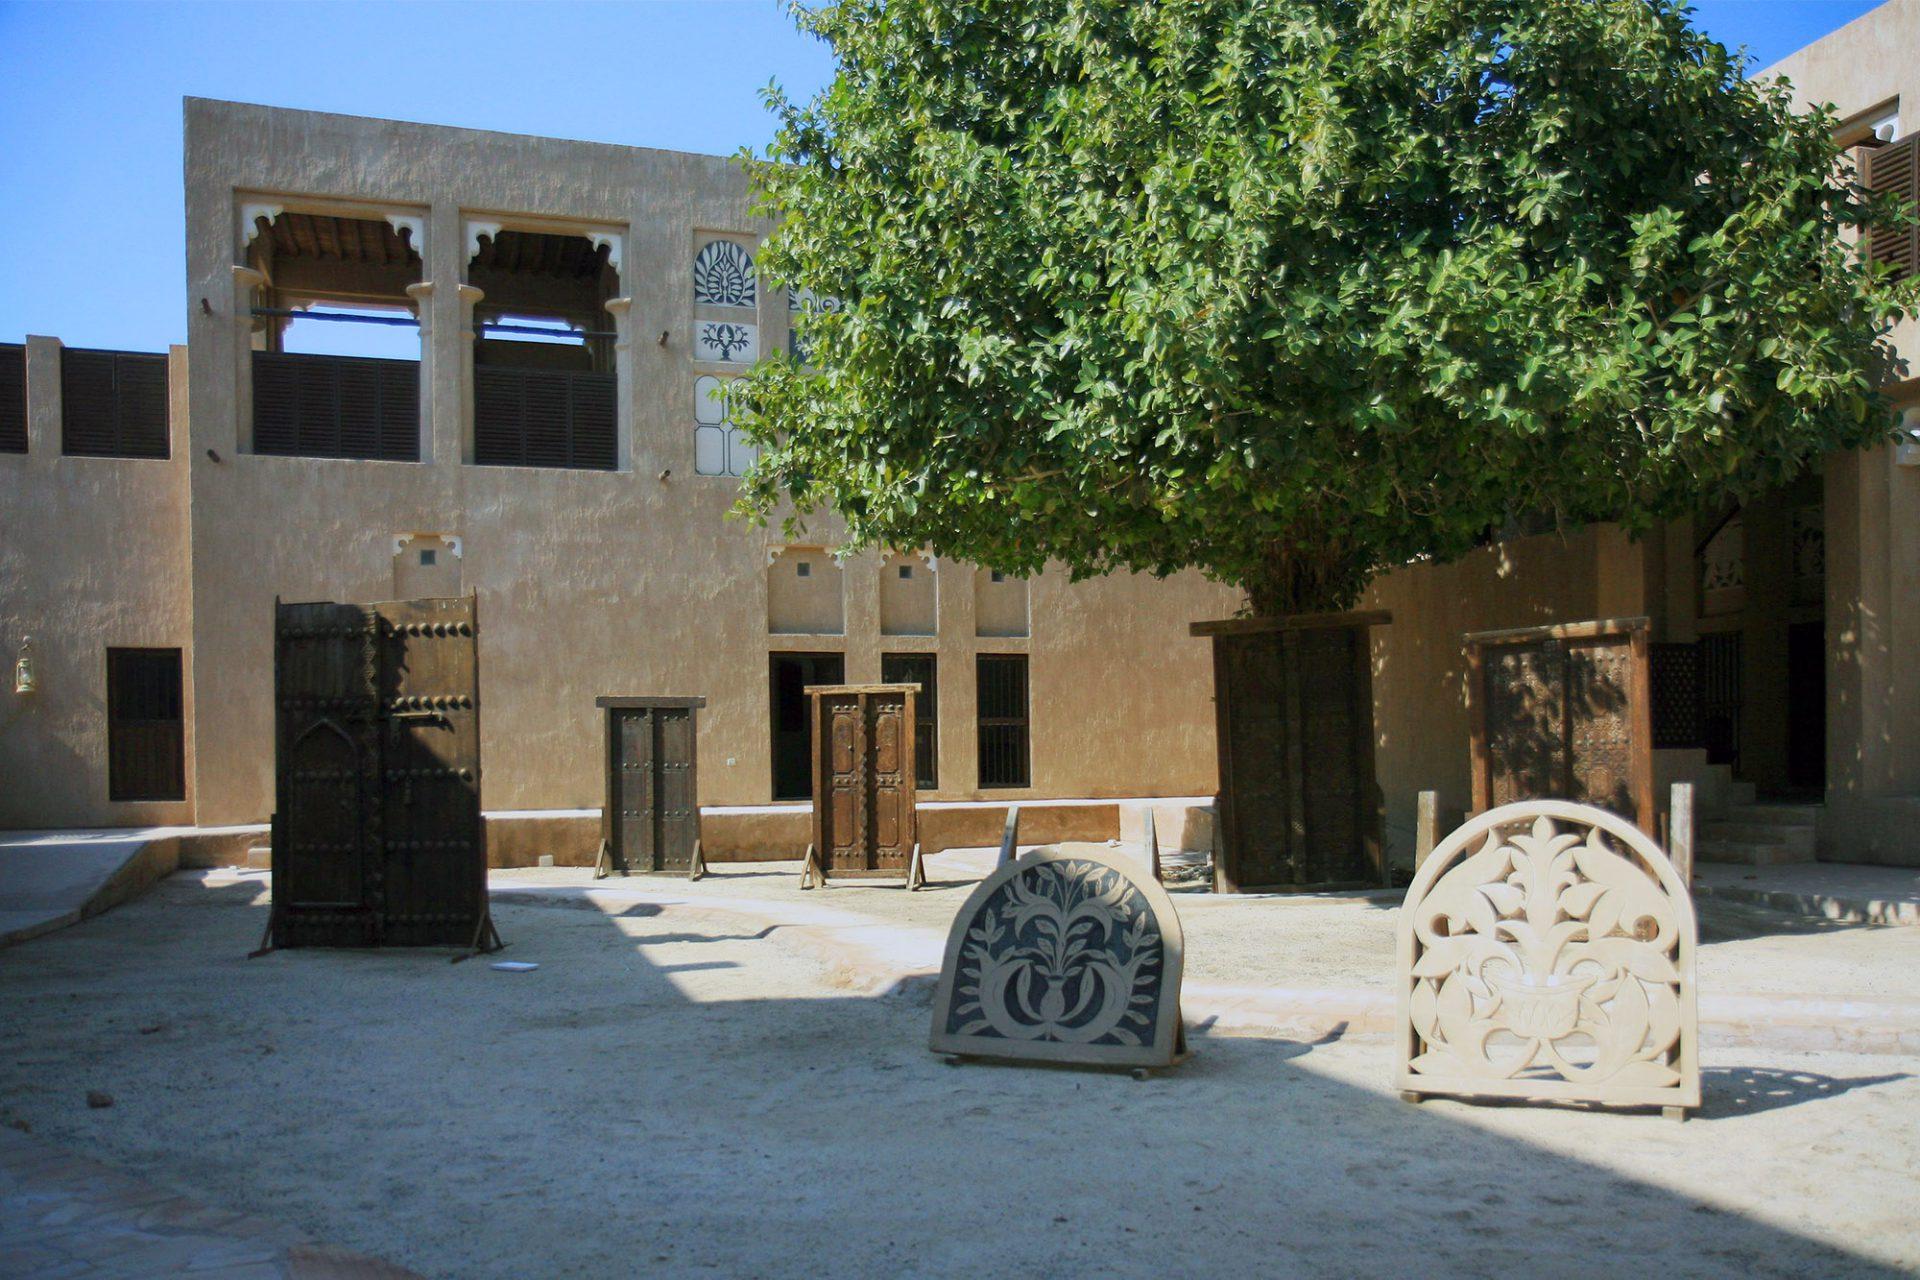 Architecture Museum. Die Dauerausstellung gibt einen guten Einblick in die traditionelle Baukultur des Landes.